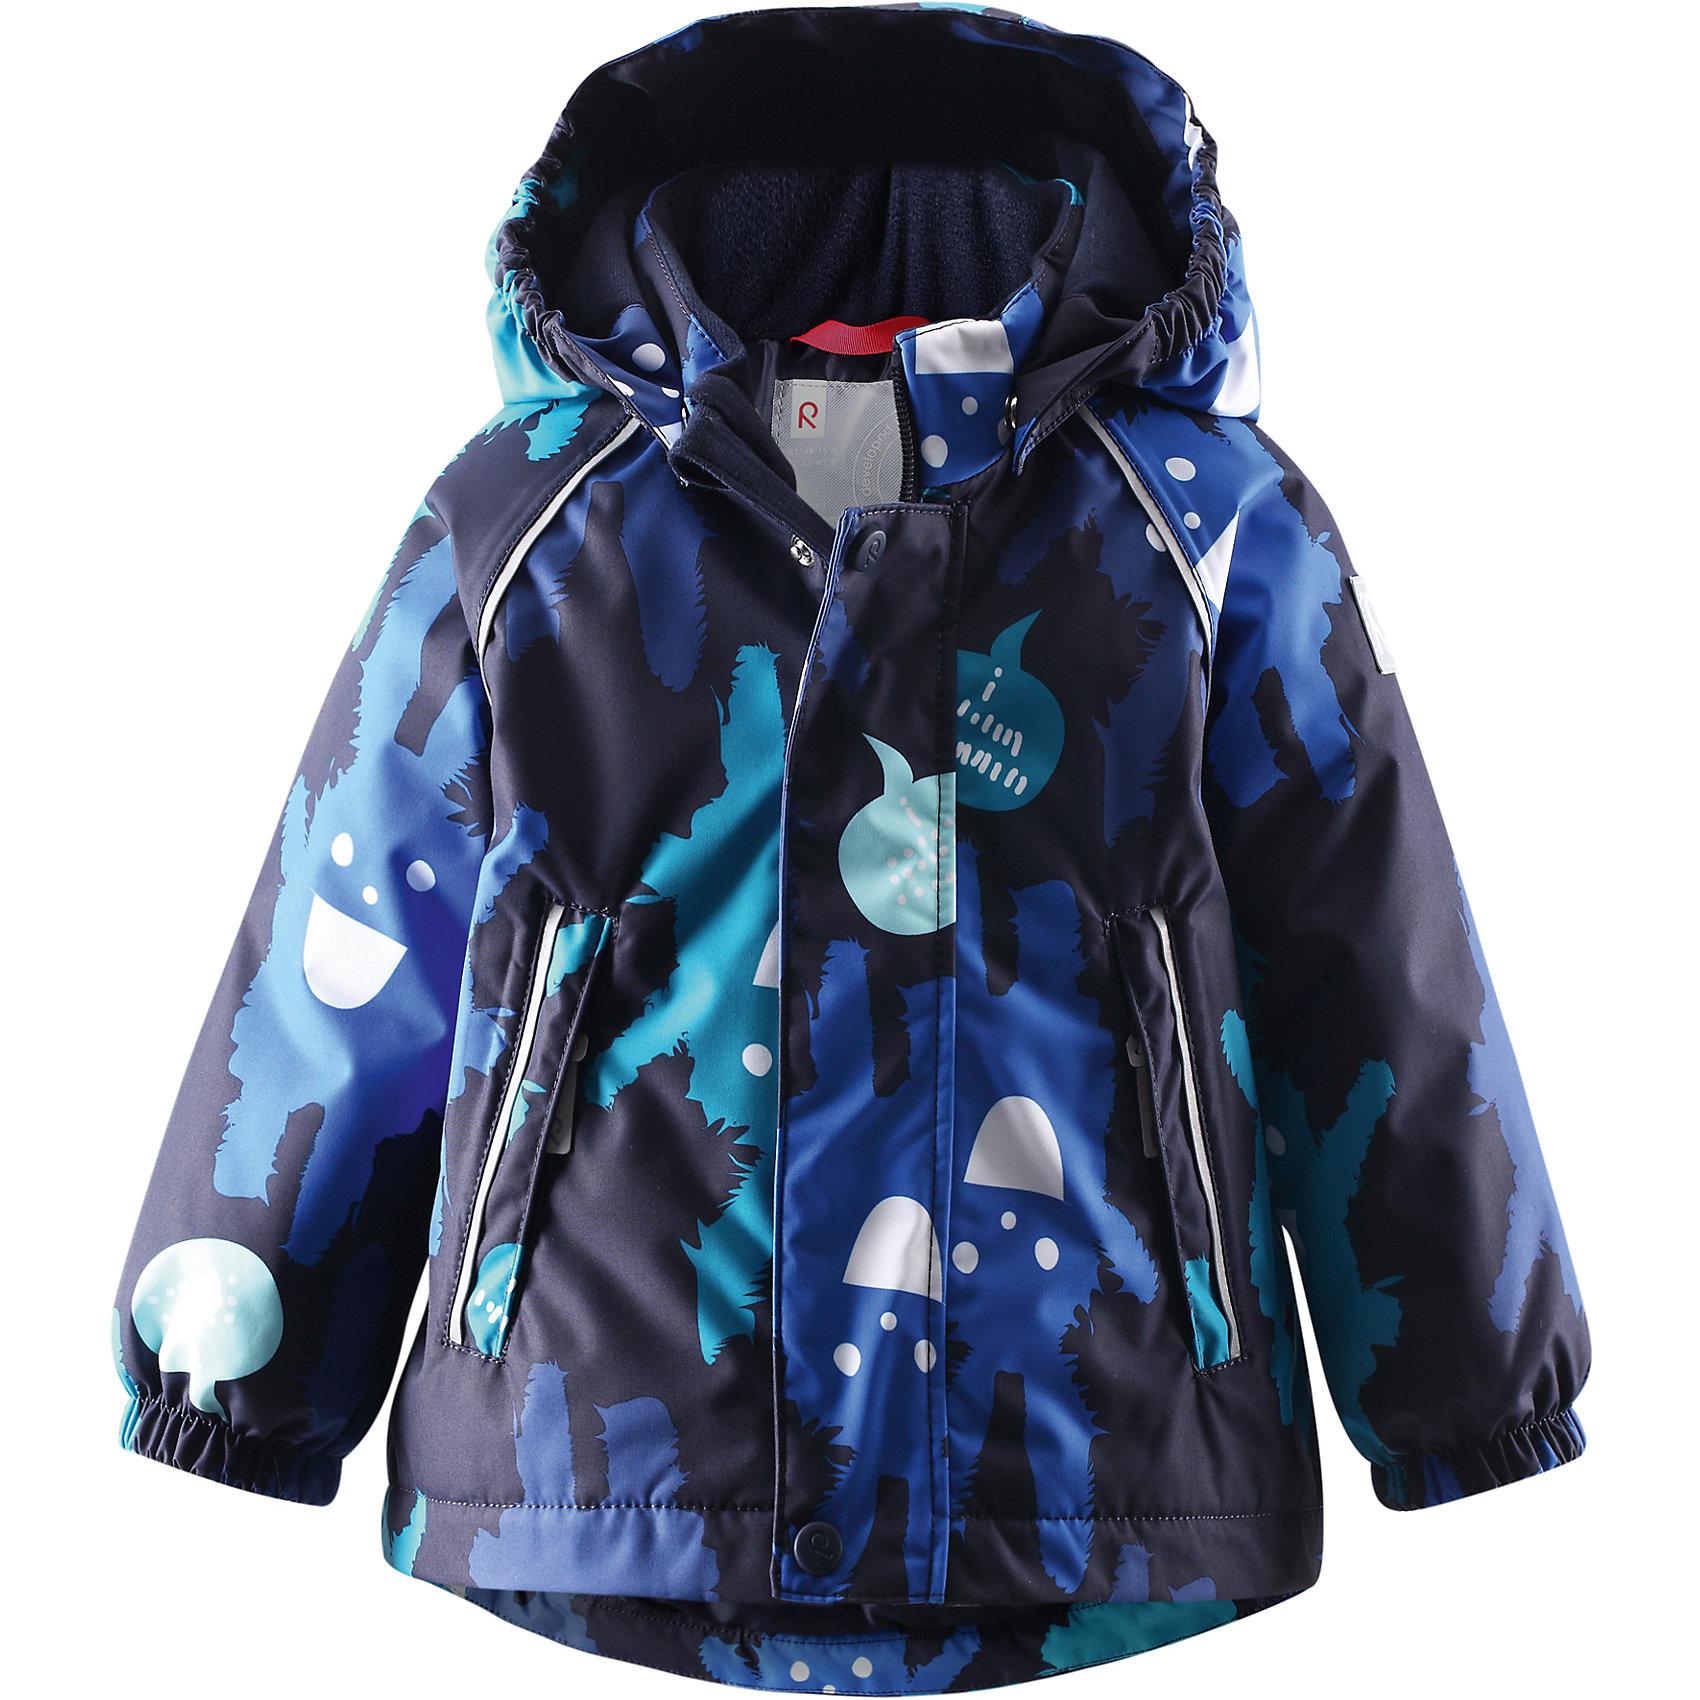 Куртка для мальчика Reimatec® ReimaГде же спрятался кролик? Водонепроницаемая зимняя мембранная куртка для малышей с весёлым принтом просто создана для зимних развлечений! Водонепроницаемая зимняя куртка сшита из ветронепроницаемого, пропускающего воздух материала, который отталкивает грязь и влагу. Все швы куртки от Reimatec® (Рейматек) проклеены, водонепроницаемы, чтобы никакая погода не смогла помешать весёлым зимним приключениям! Ткань пропускает воздух, поэтому ребёнок не вспотеет, как бы быстро он ни двигался. Чтобы куртка легко одевалась и удобно носилась с тёплым промежуточным слоем, она имеет подкладку из гладкого полиэстера. Вы заметили, что к куртке можно легко пристегнуть многие из промежуточных слоёв Reima? Благодаря удобным кнопкам для пристегивания промежуточного слоя к верхней одежде по системе Playlayers®, многие флисовые кофты можно пристегнуть к куртке, чтобы малышу было теплее и комфортнее. Съёмный и регулируемый капюшон не только защищает от холодного ветра, но и безопасен во время игр на свежем воздухе! Если закреплённый кнопками капюшон зацепится за что-нибудь, он легко отстегнётся. Капюшон отделан мягким полиэстером с начёсом. Когда пойдёте гулять, в карманы на молниях можно положить крошечные сокровища, а светоотражающие детали обеспечат видимость в темноте. Эта куртка не требует особого ухода. Можно сушить в центрифуге.<br><br>Водонепроницаемая зимняя куртка для малышей<br>Все швы проклеены, водонепроницаемы<br>Безопасный съёмный капюшон<br>Два кармана на молниях<br>Светоотражающие детали для безопасности<br>Состав:<br>100% ПЭ, ПУ-покрытие<br>Средняя степень утепления (до - 20)<br><br>Куртку Reimatec® (Рейматек) Reima (Рейма) можно купить в нашем магазине.<br><br>Ширина мм: 356<br>Глубина мм: 10<br>Высота мм: 245<br>Вес г: 519<br>Цвет: синий<br>Возраст от месяцев: 6<br>Возраст до месяцев: 9<br>Пол: Мужской<br>Возраст: Детский<br>Размер: 74,92,98,80,86<br>SKU: 4208095